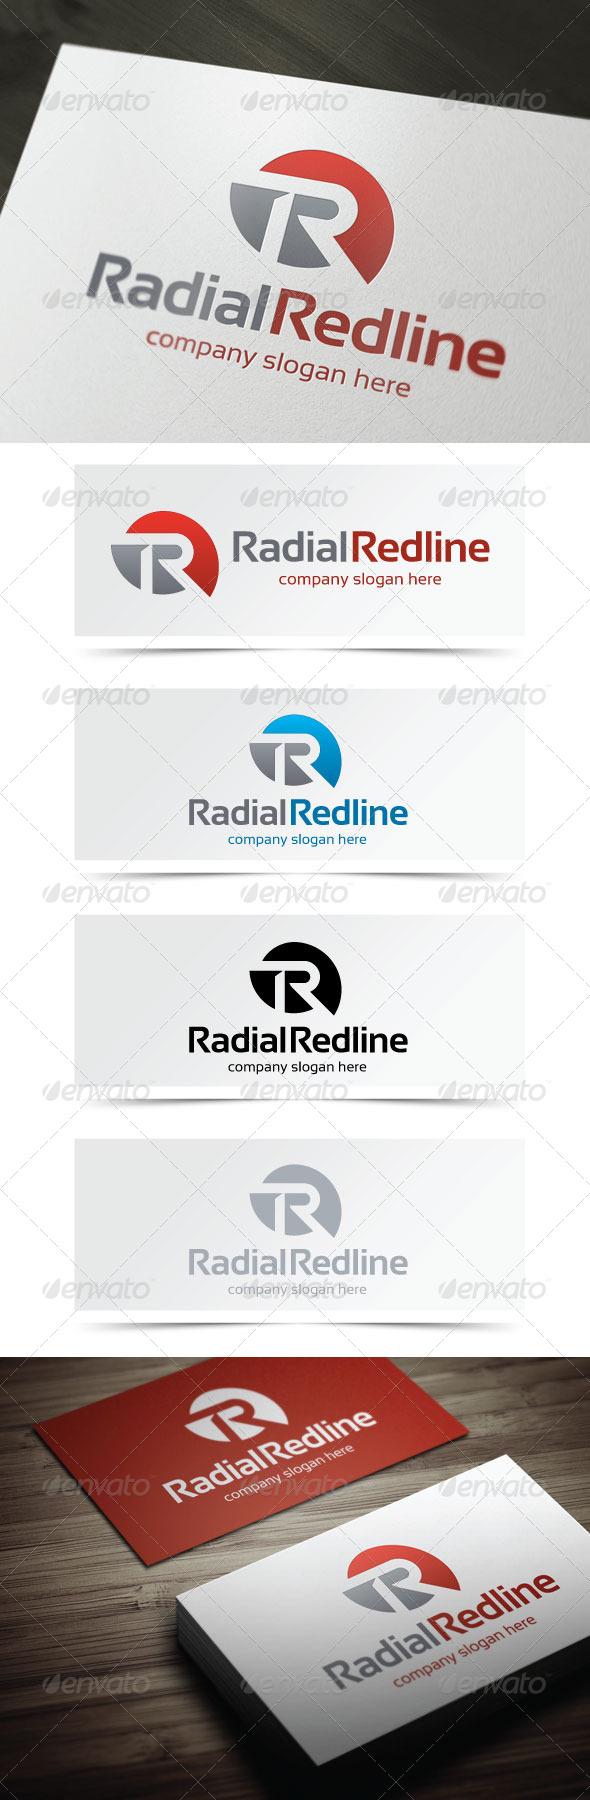 Radial Redline